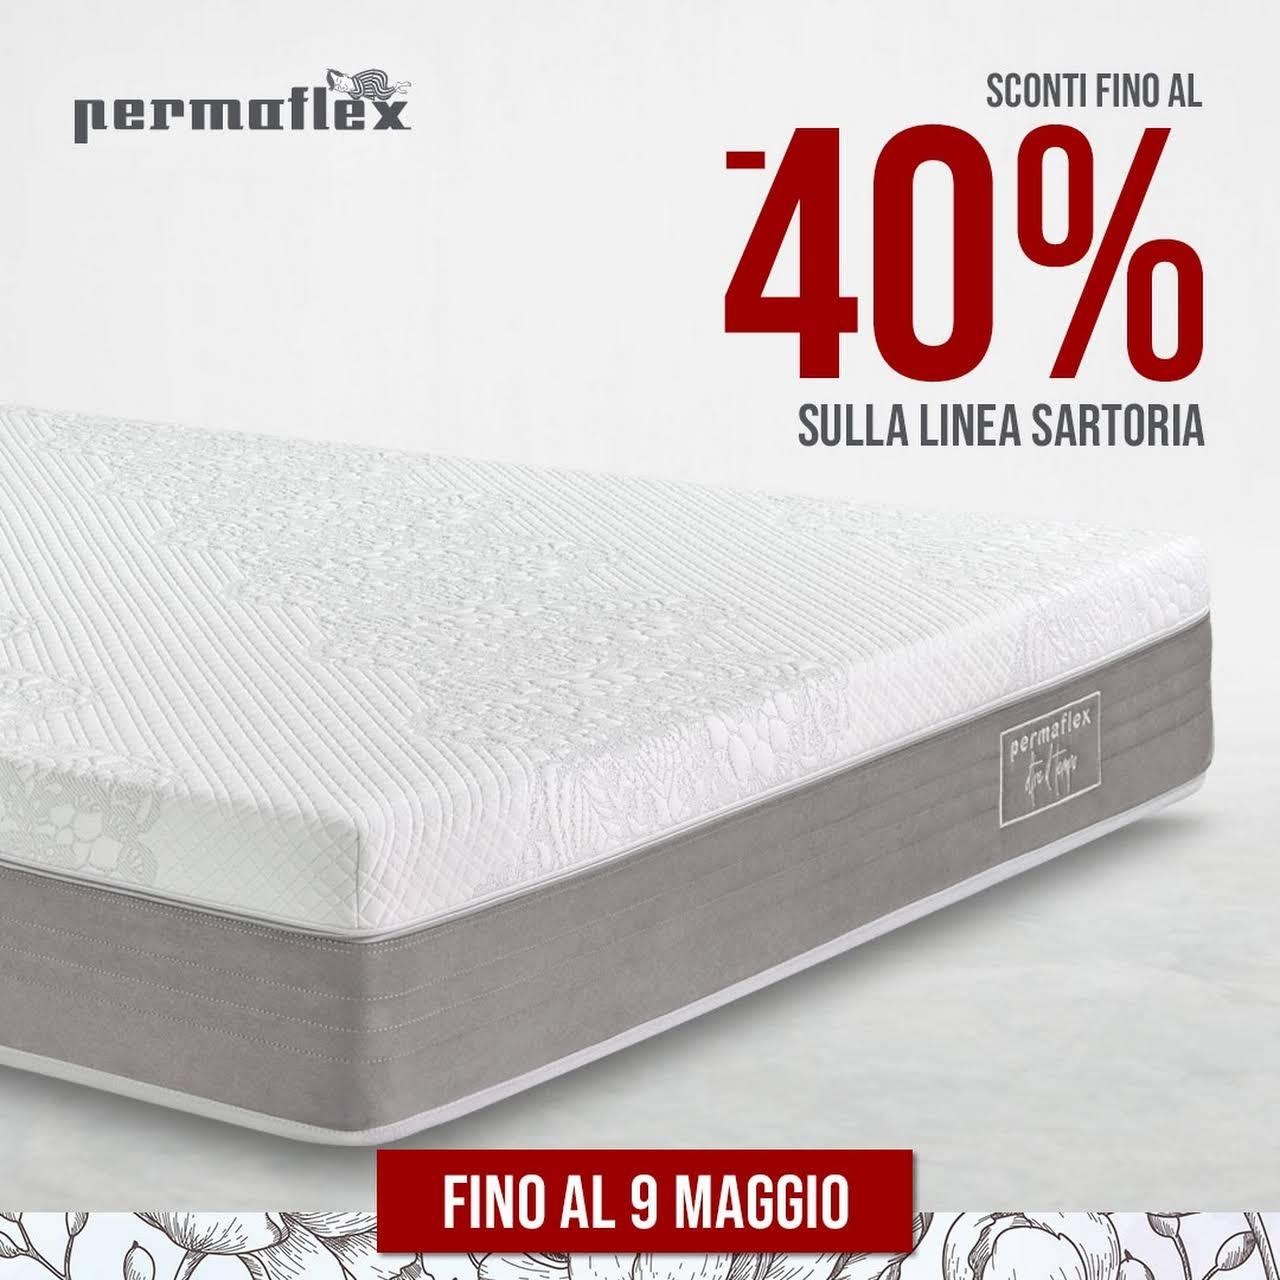 Trova tantissime idee per materassi ortopedici permaflex prezzi. Centro Permaflex Via S Alenixedda 65 Negozio Di Materassi A Cagliari